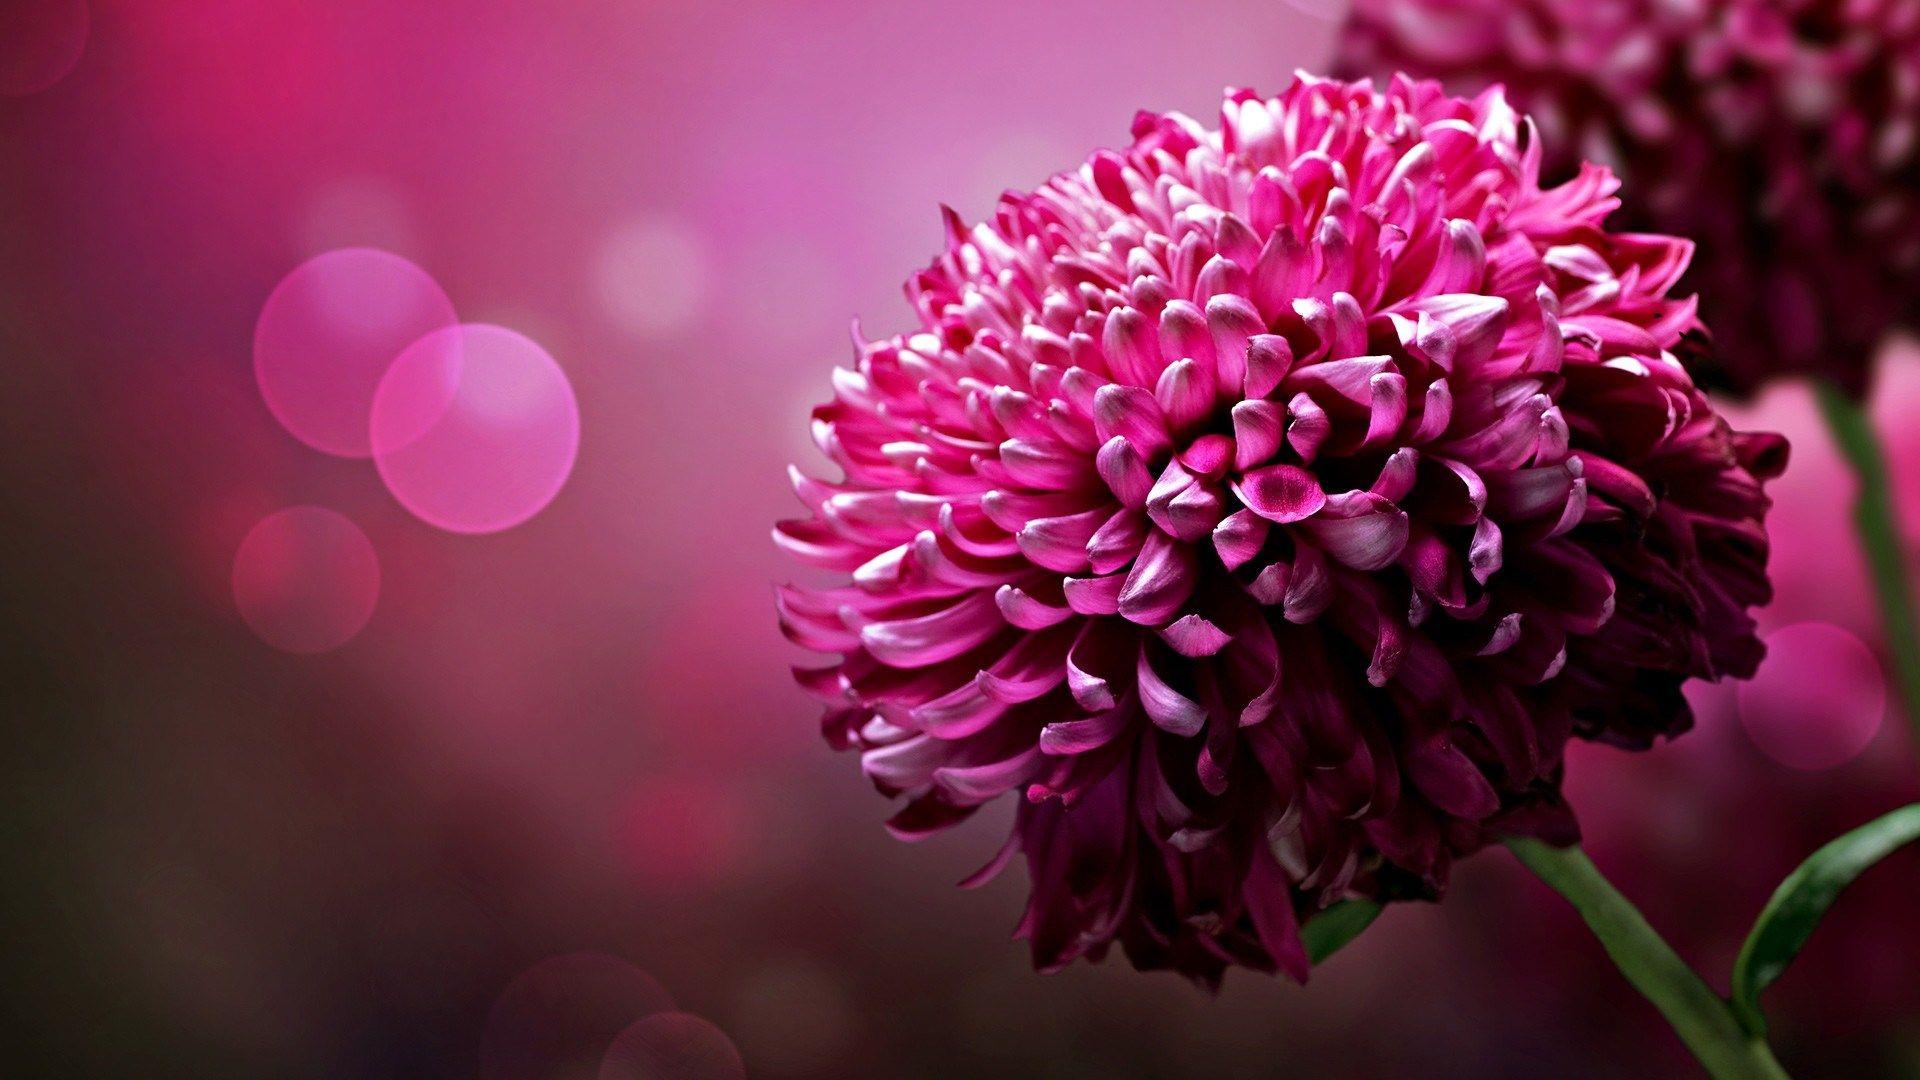 Desktop Floral Wallpaper Hd 1920x1080 Purple Flowers Wallpaper Flower Desktop Wallpaper Beautiful Flowers Images